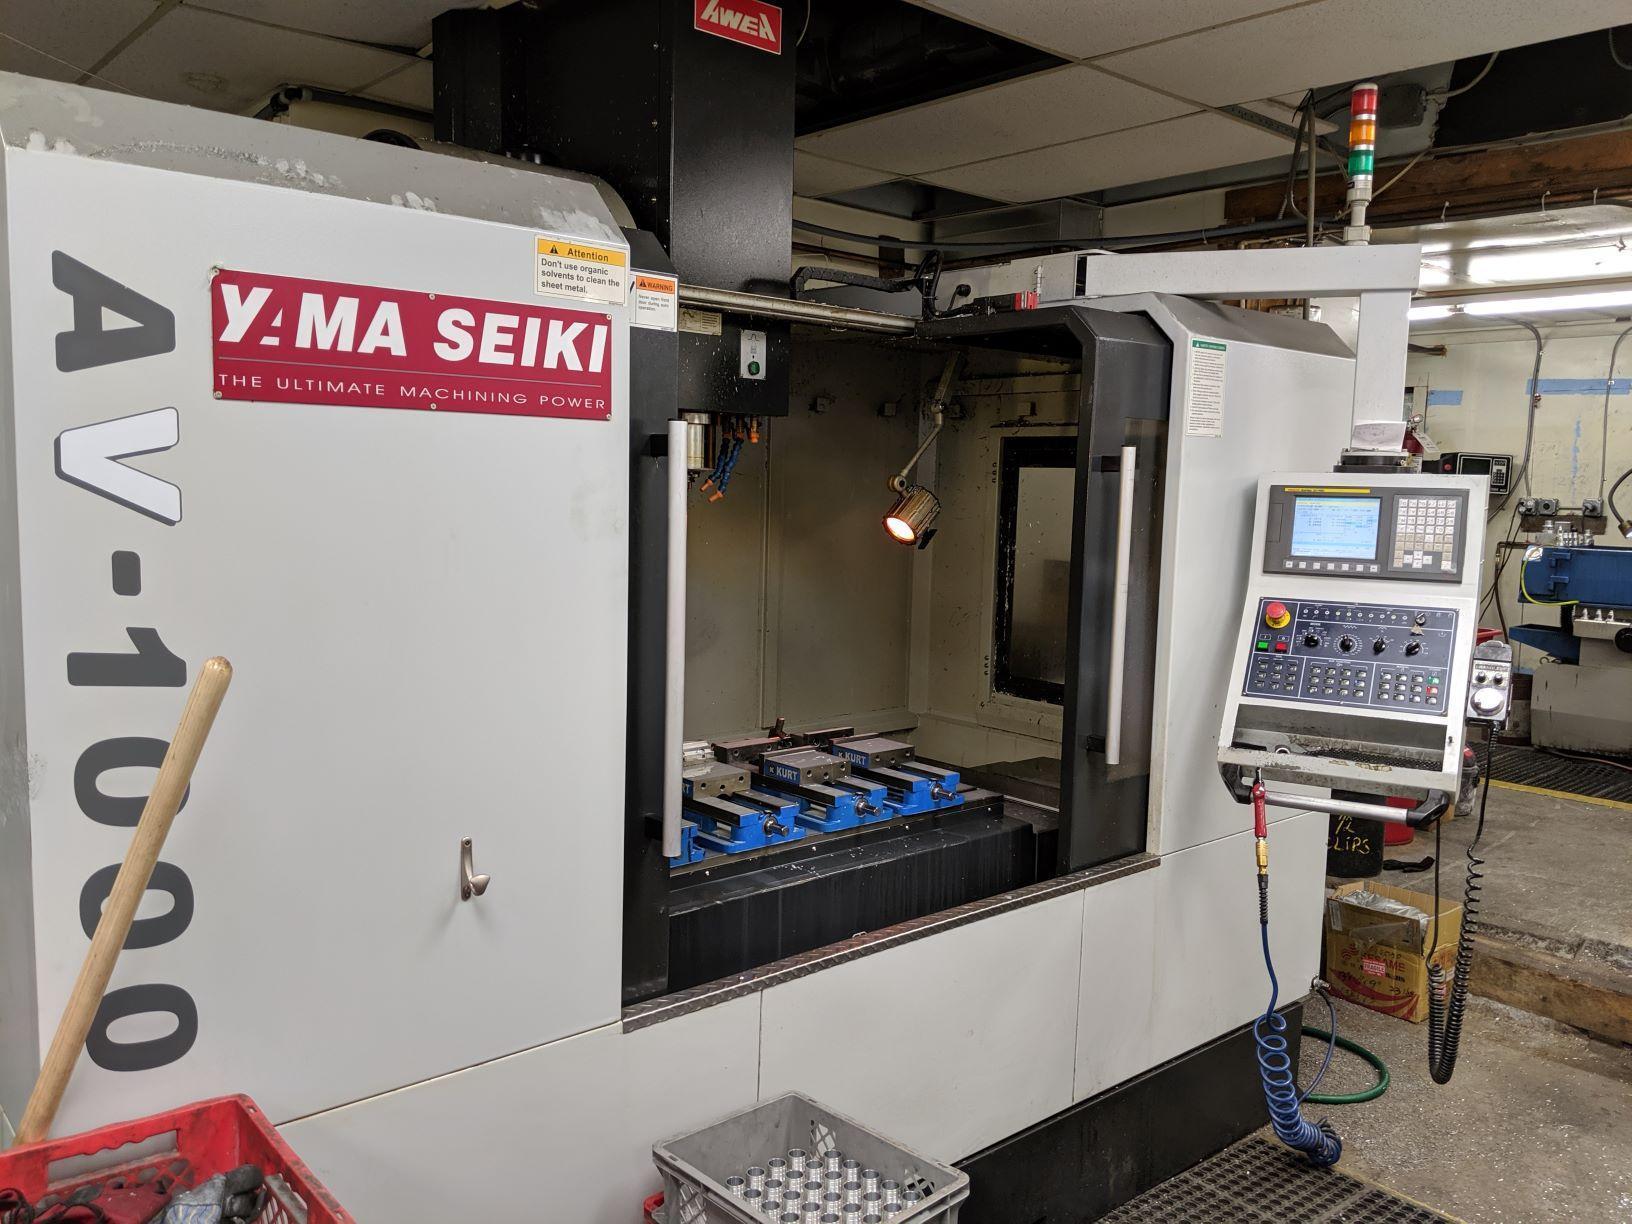 Yama Seiki AV-1000 Vertical Machining Center